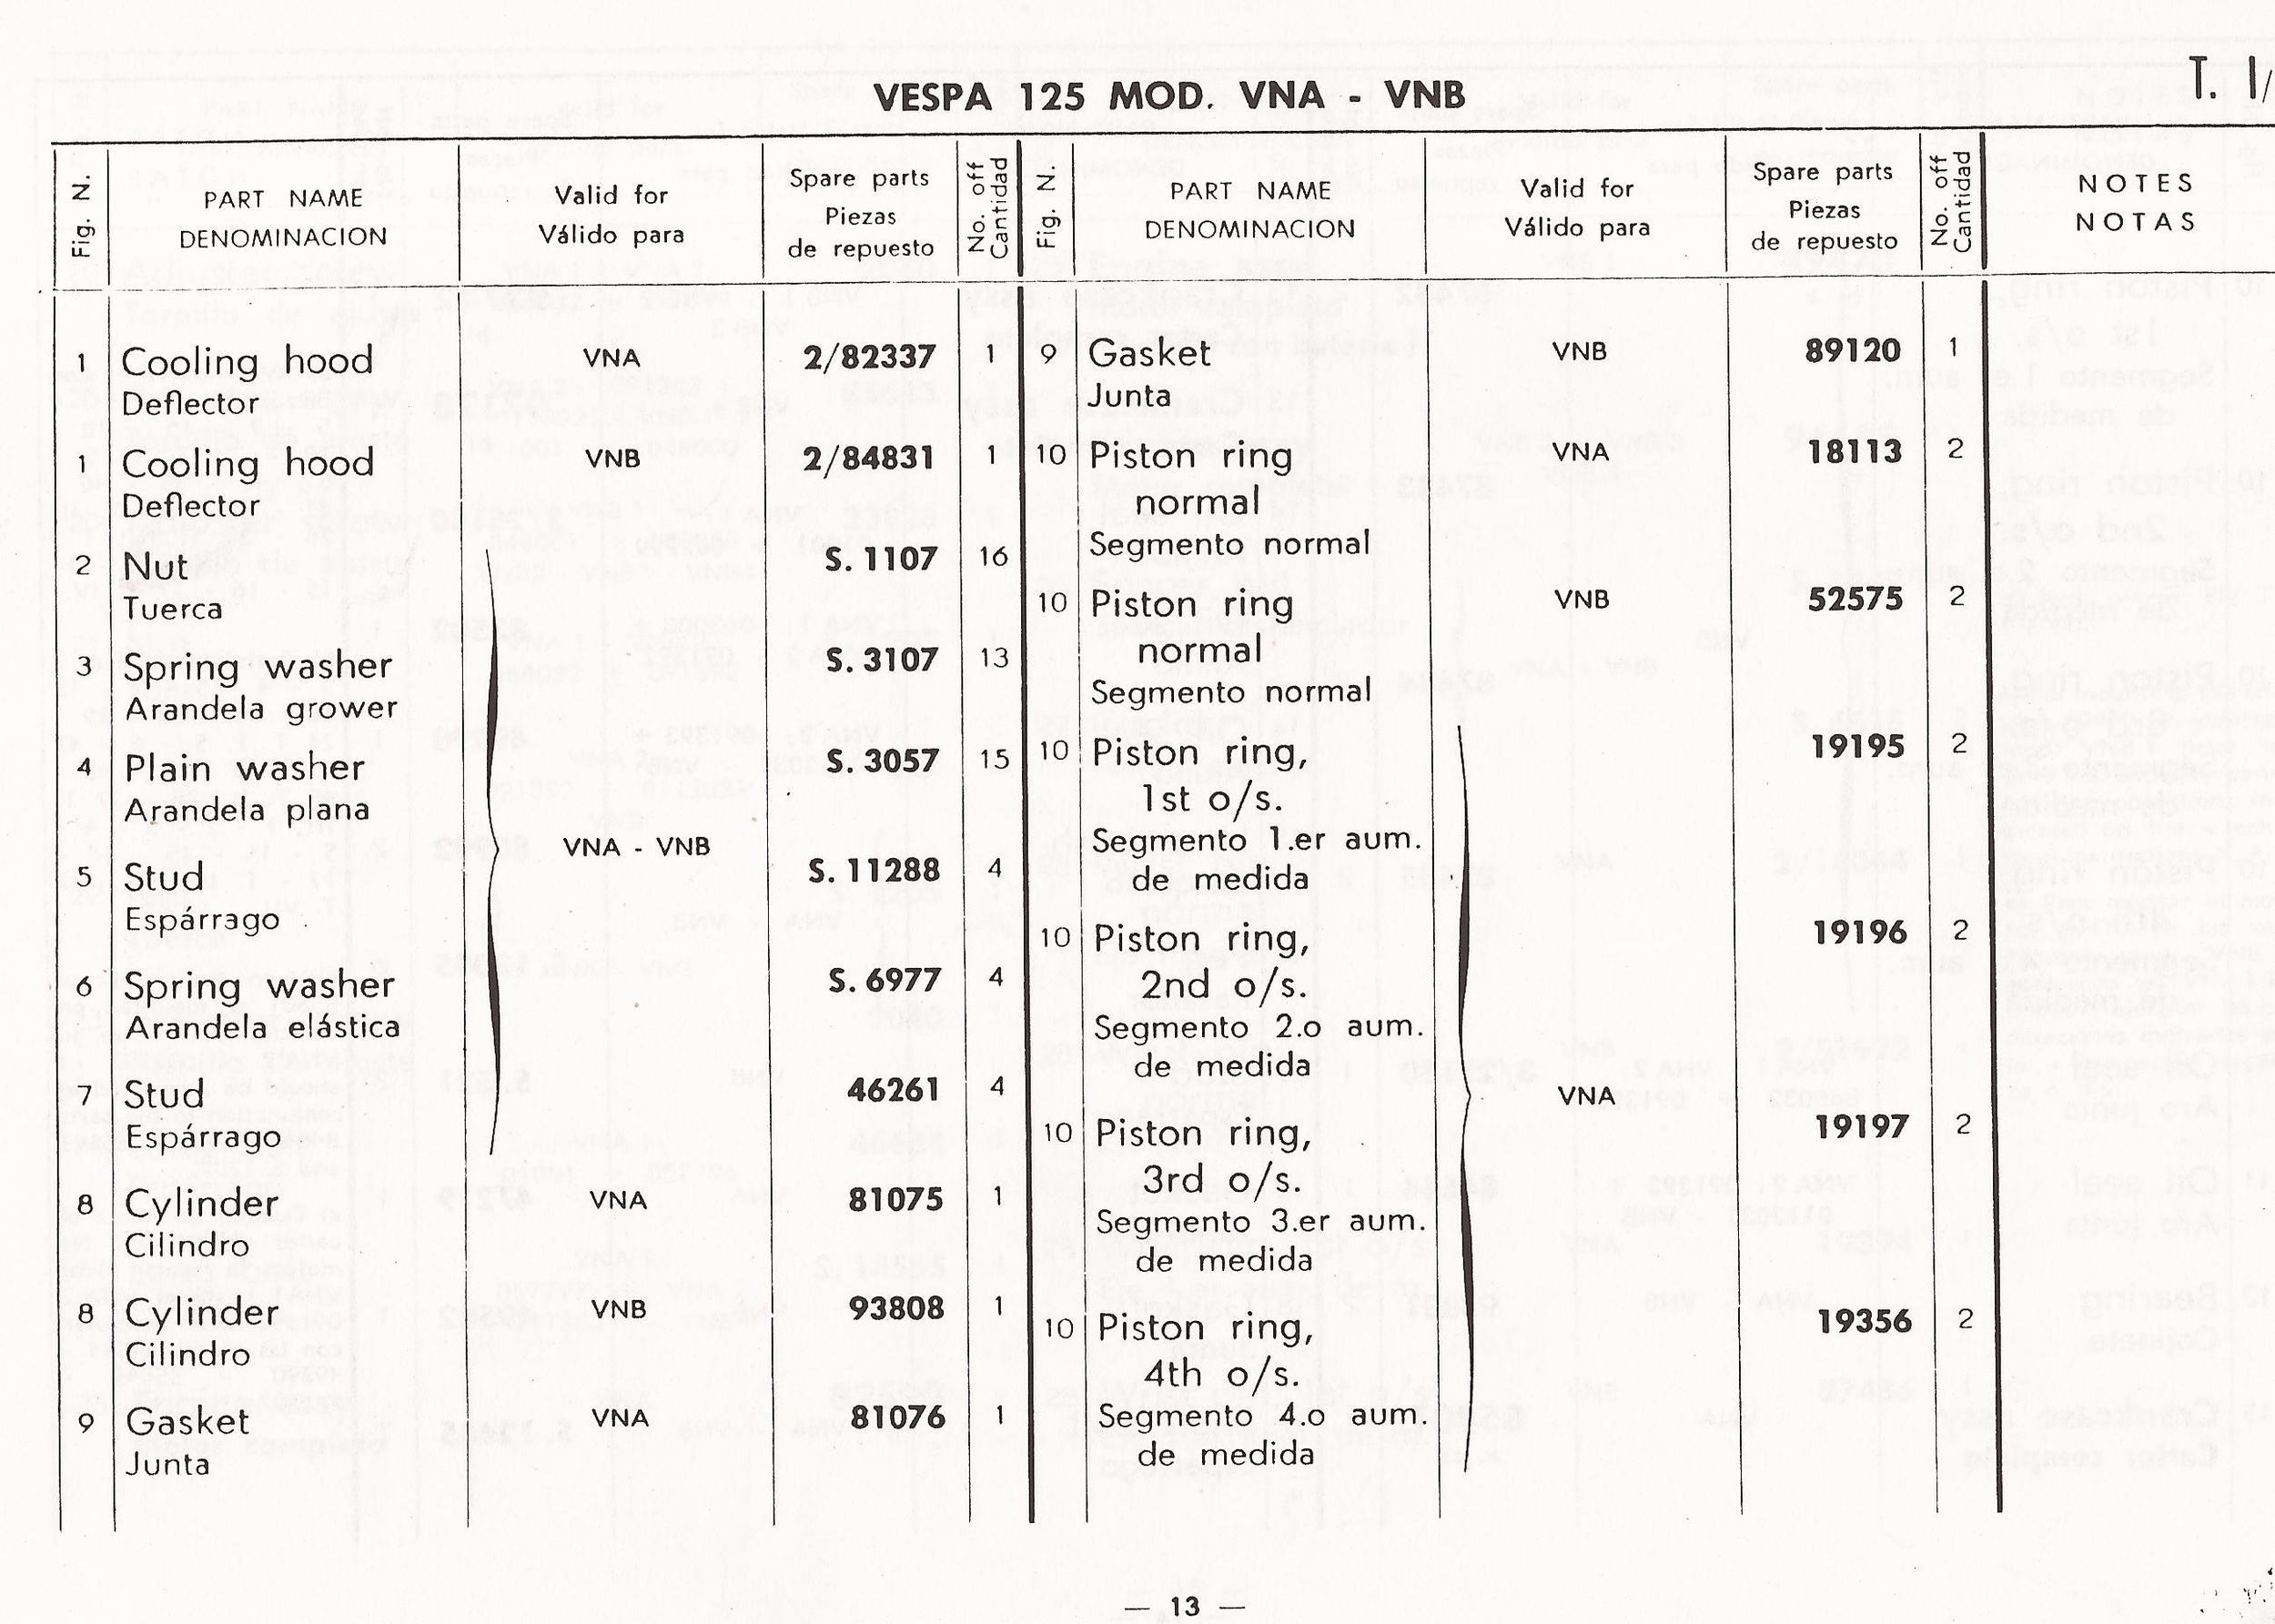 07-16-2013 vespa 125 catalog manuel 16.jpg